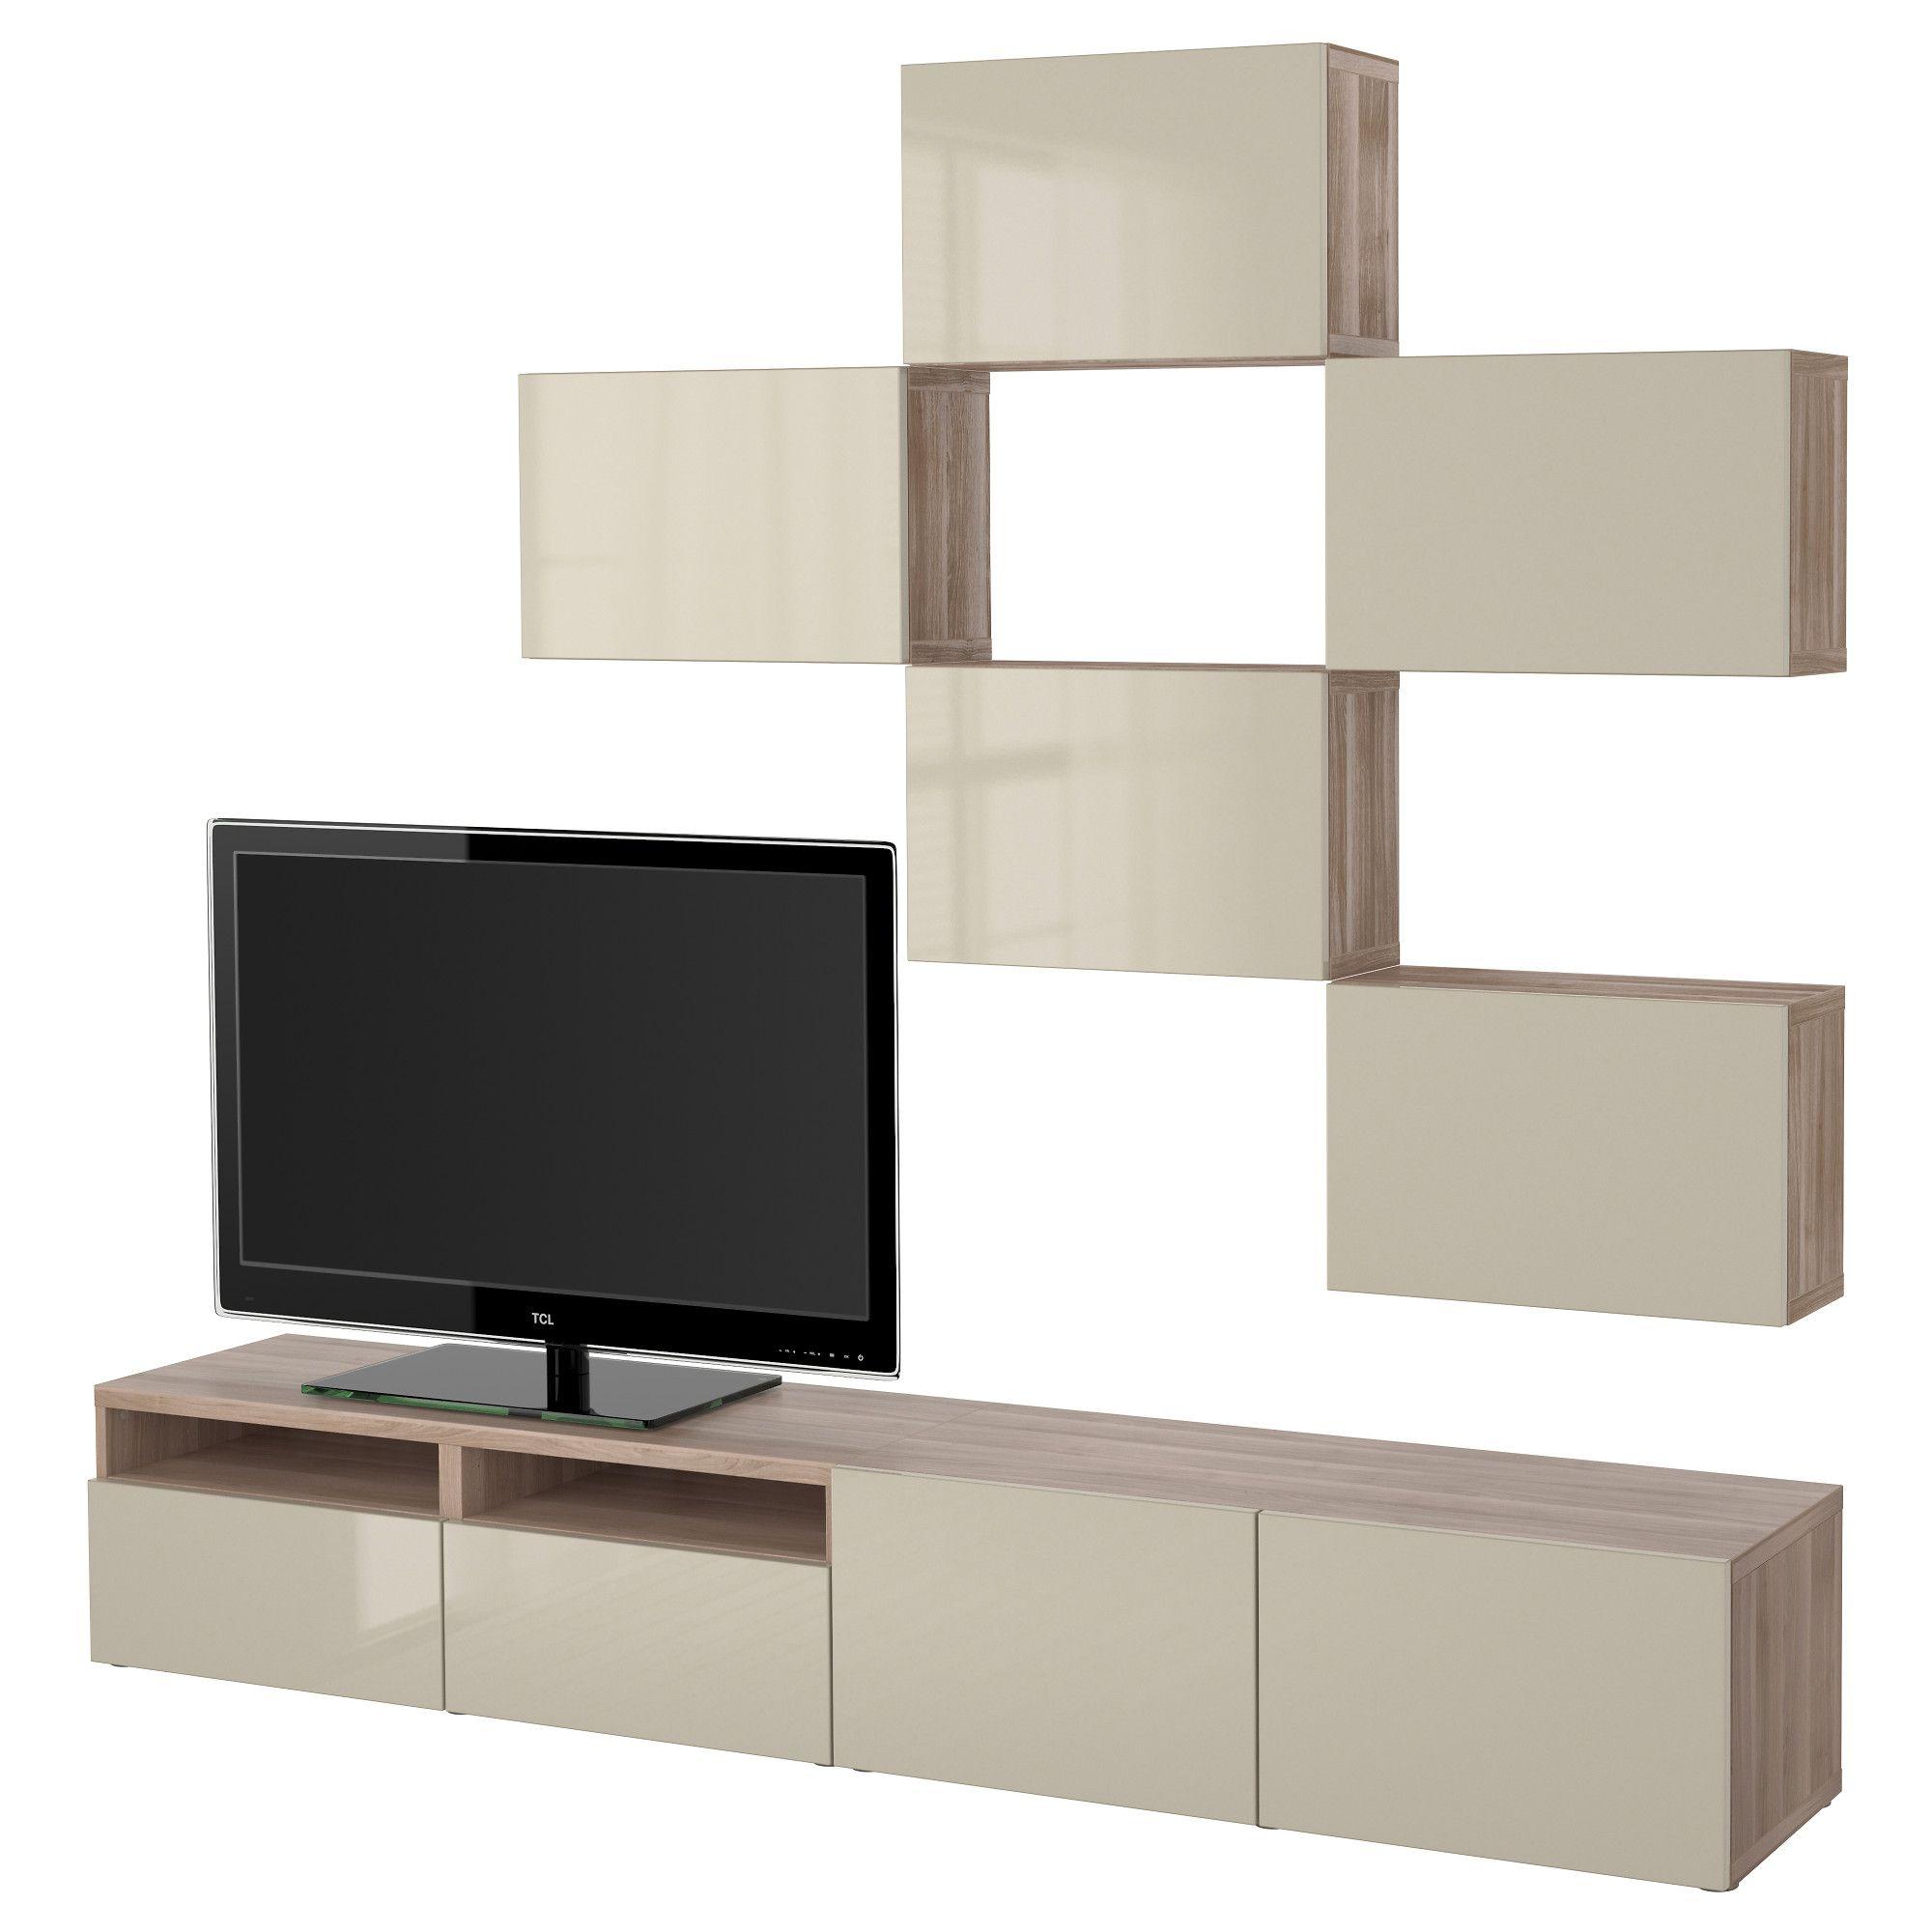 bestÅ, tv-möbel, kombination, grau las. nussbaumnachb., jetzt, Wohnzimmer